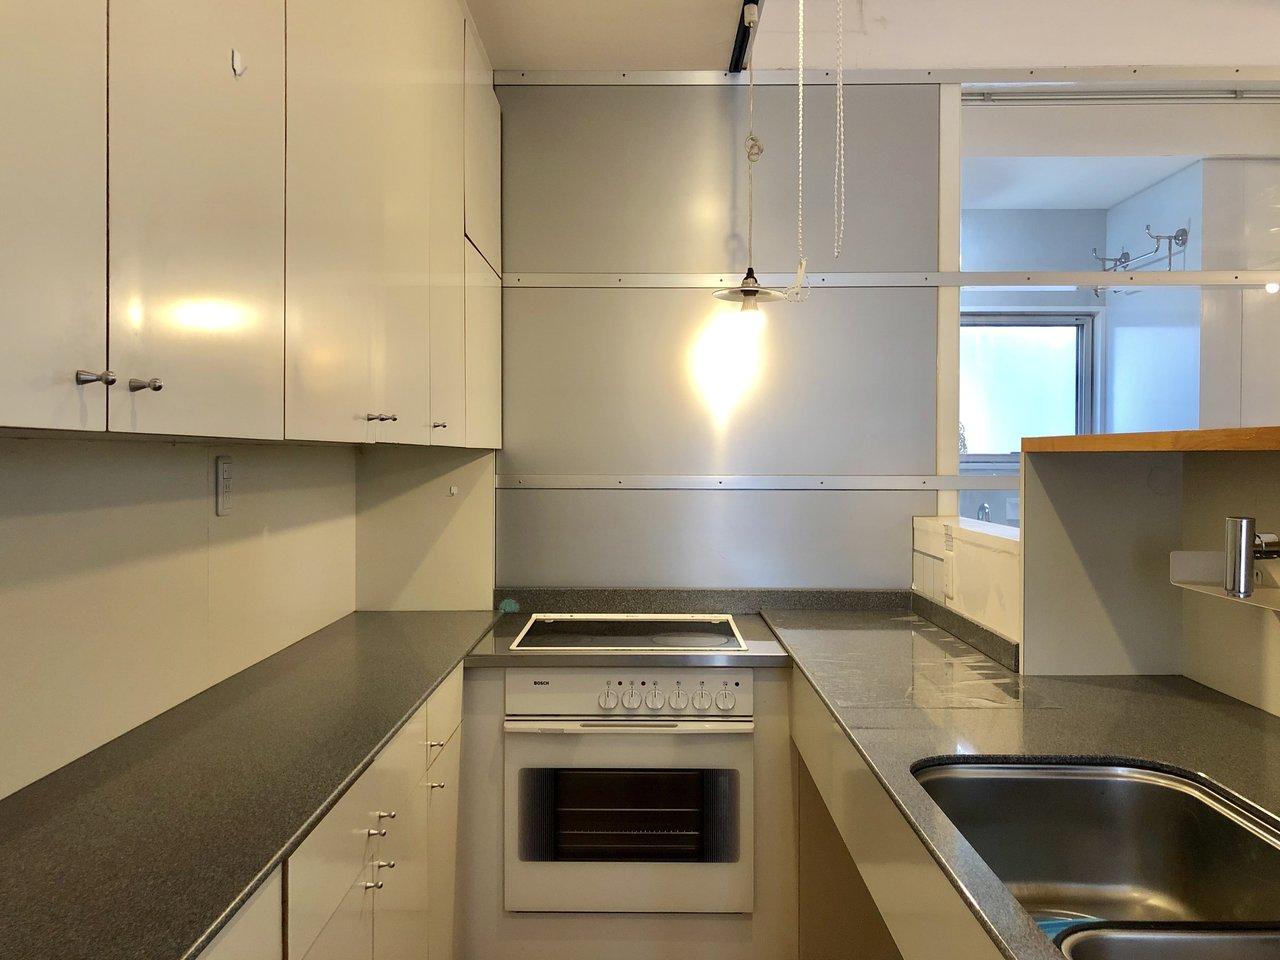 2階には、ビルトインオーブンのあるキッチン・ダイニングと、10畳のリビングの2部屋。